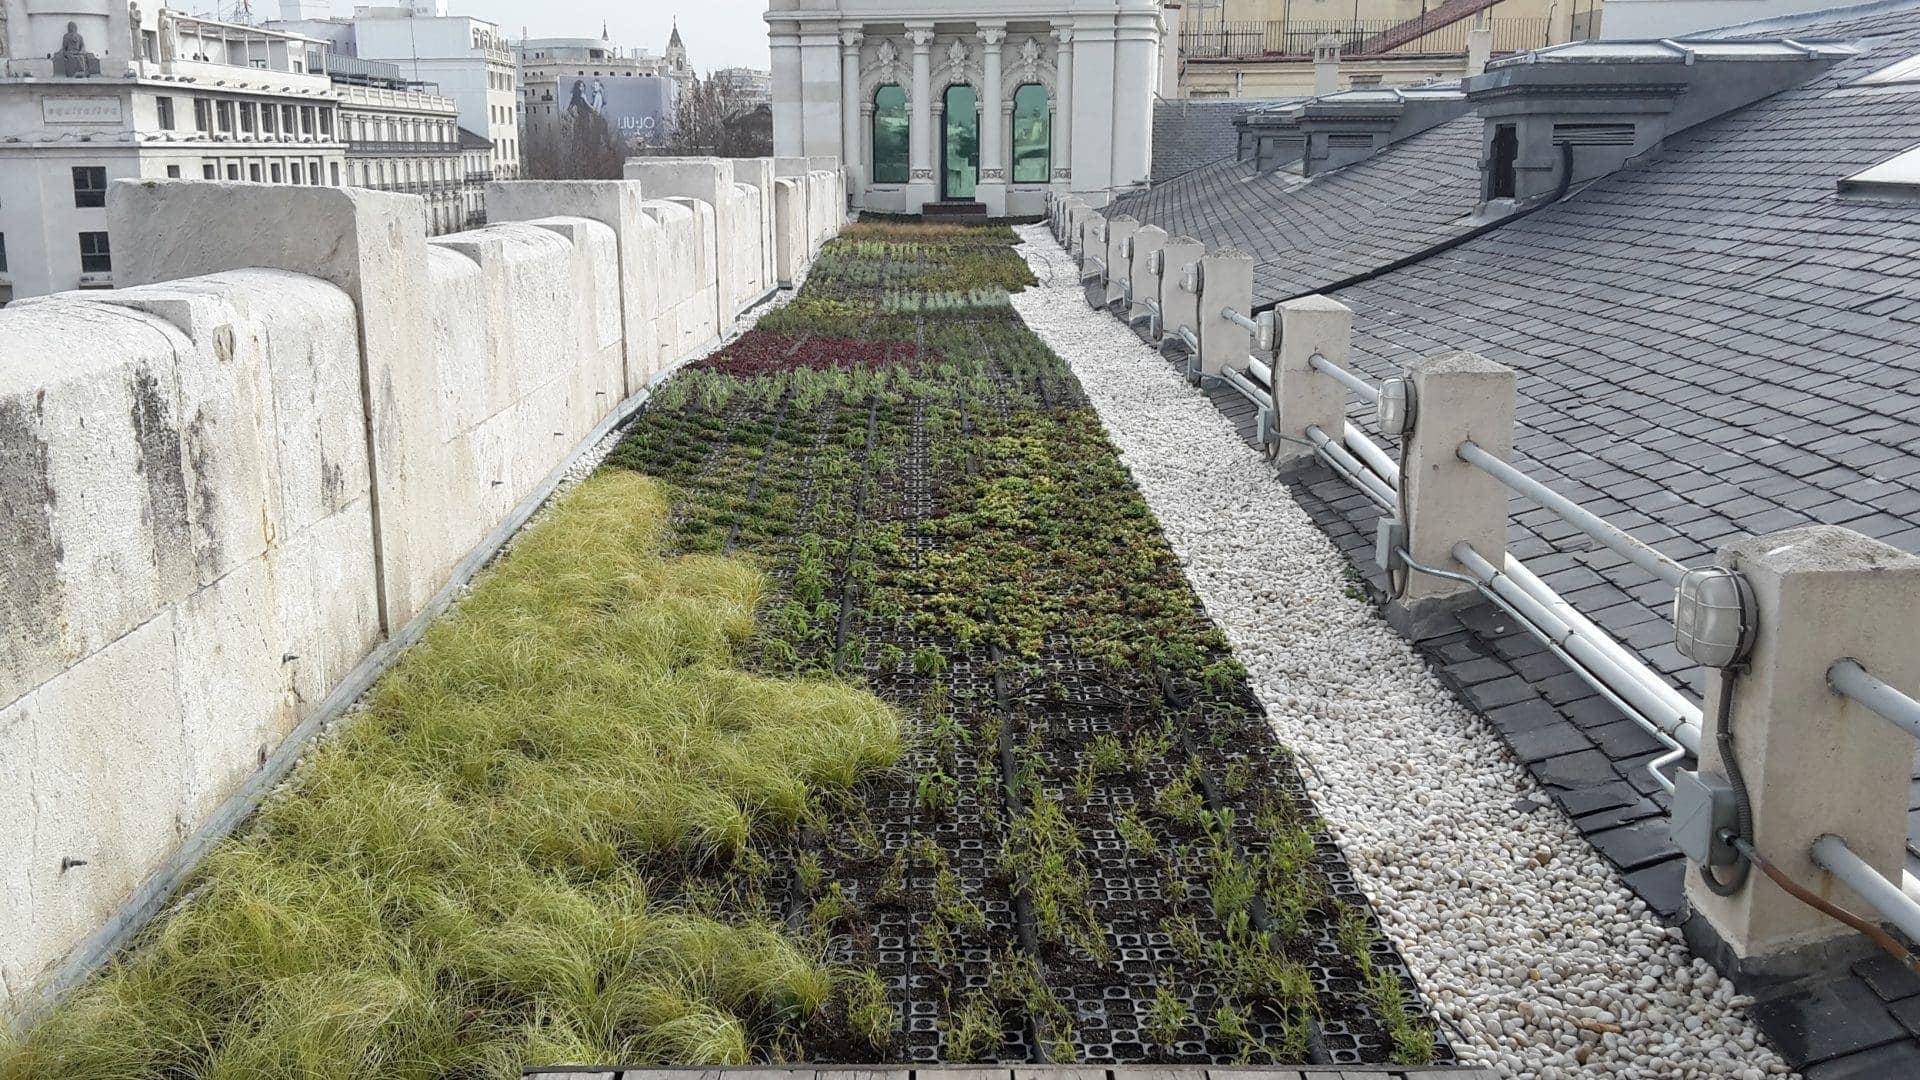 tejado verde ayuntamiento madrid